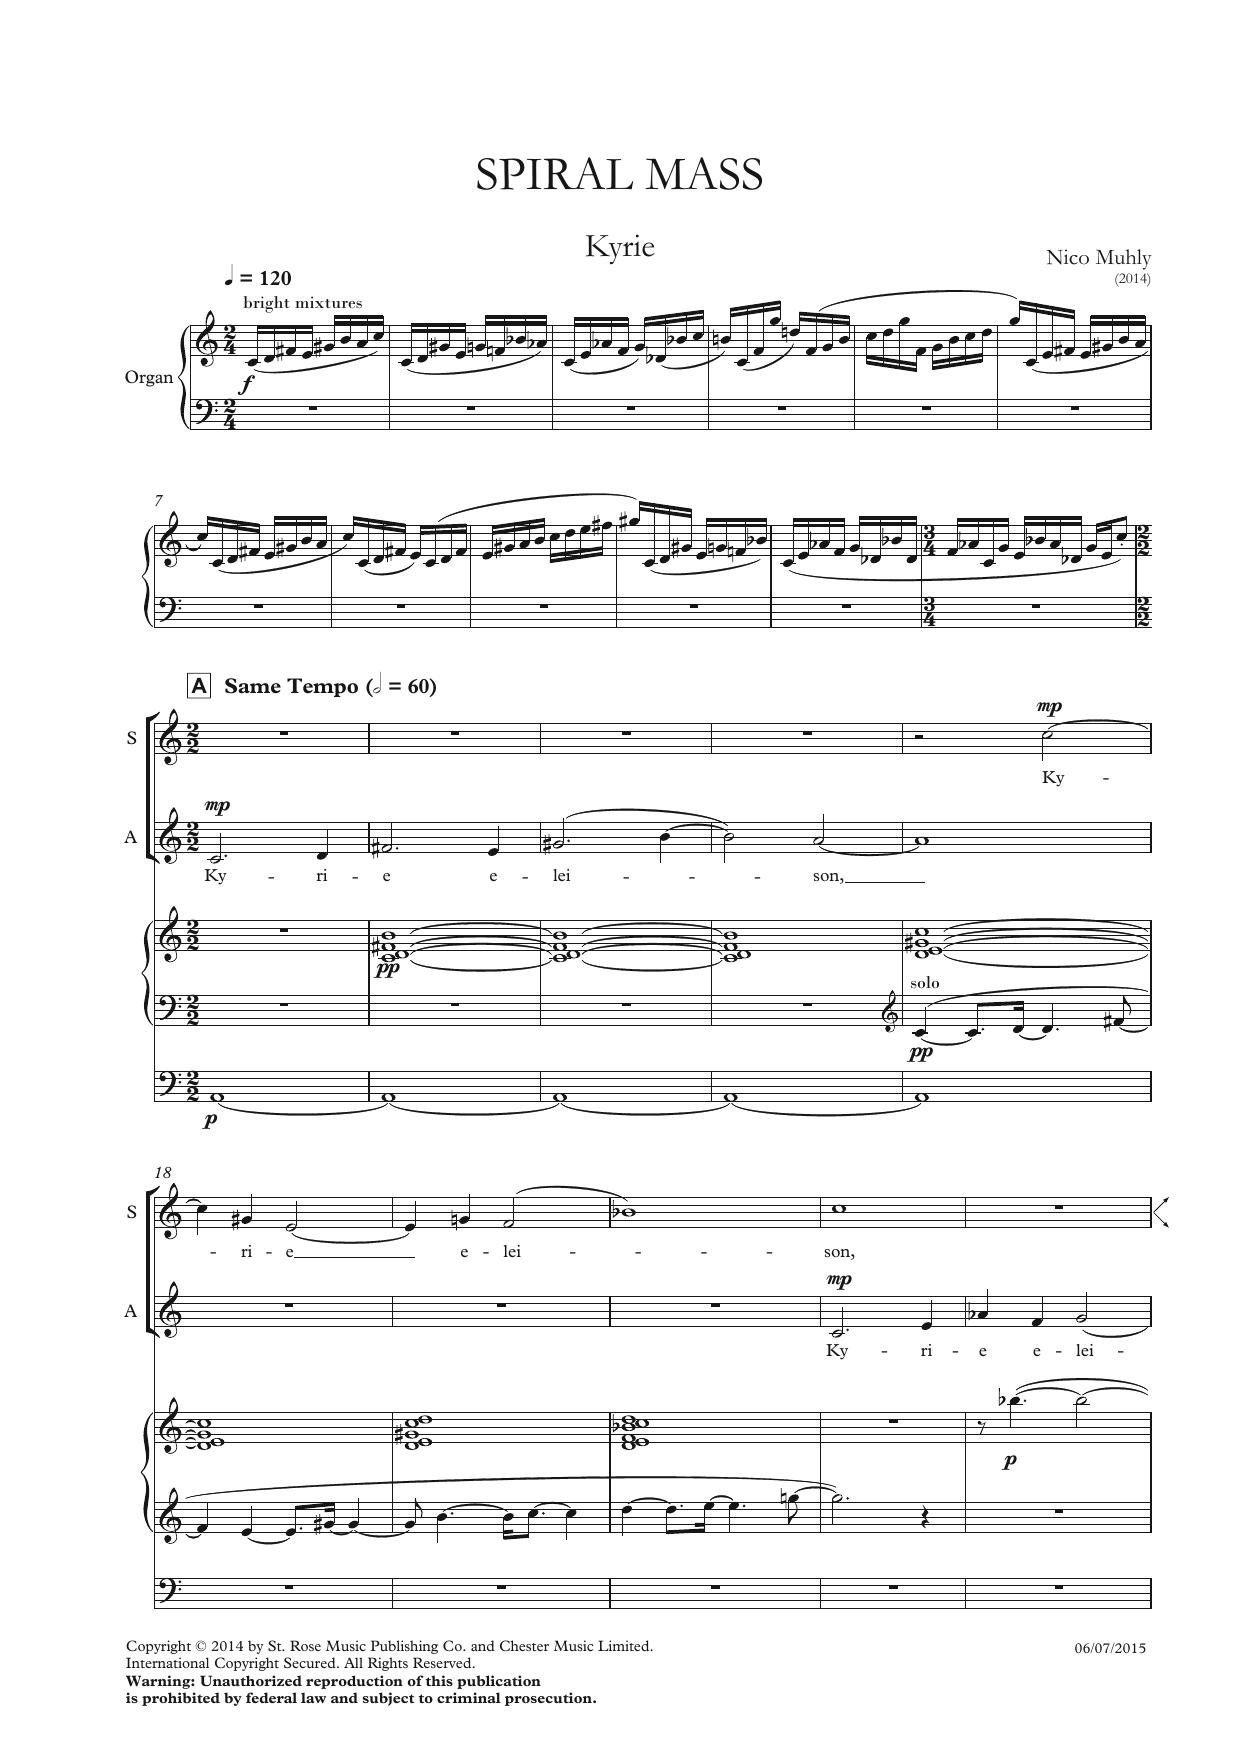 Nico Muhly - Spiral Mass